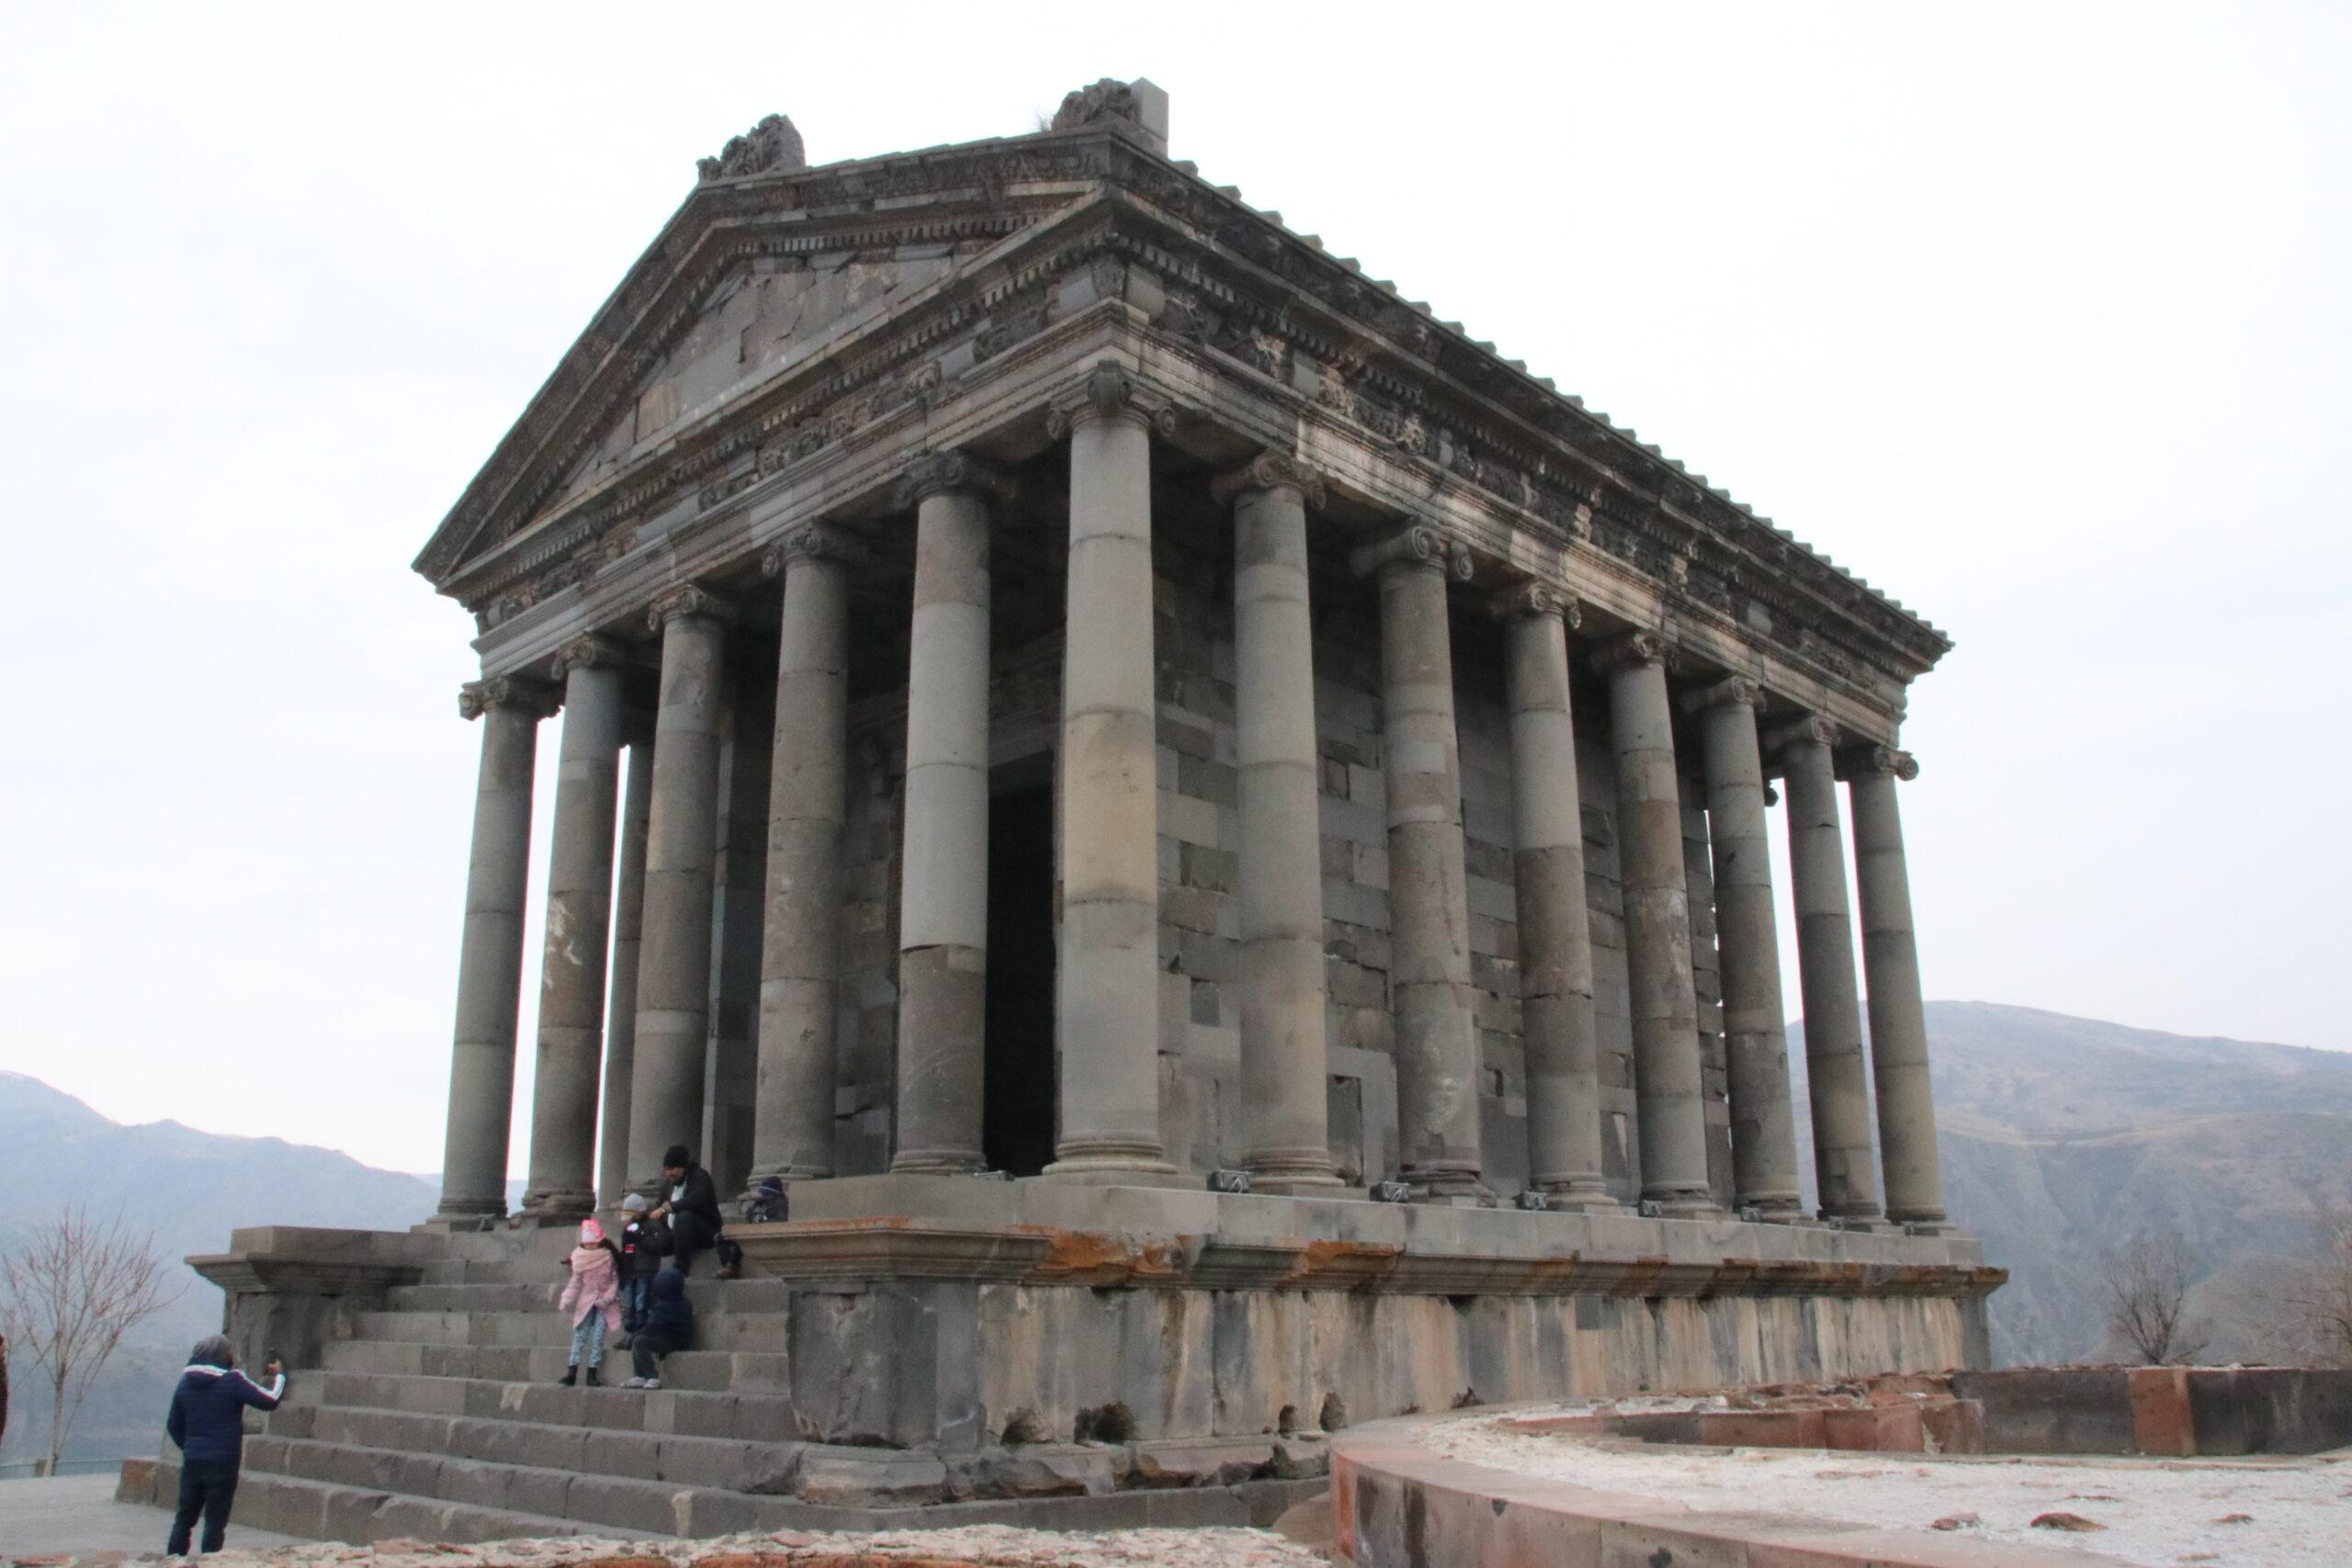 【アルメニアの絶景】首都エレバン近郊にあるガルニ神殿とストーンシンフォニー